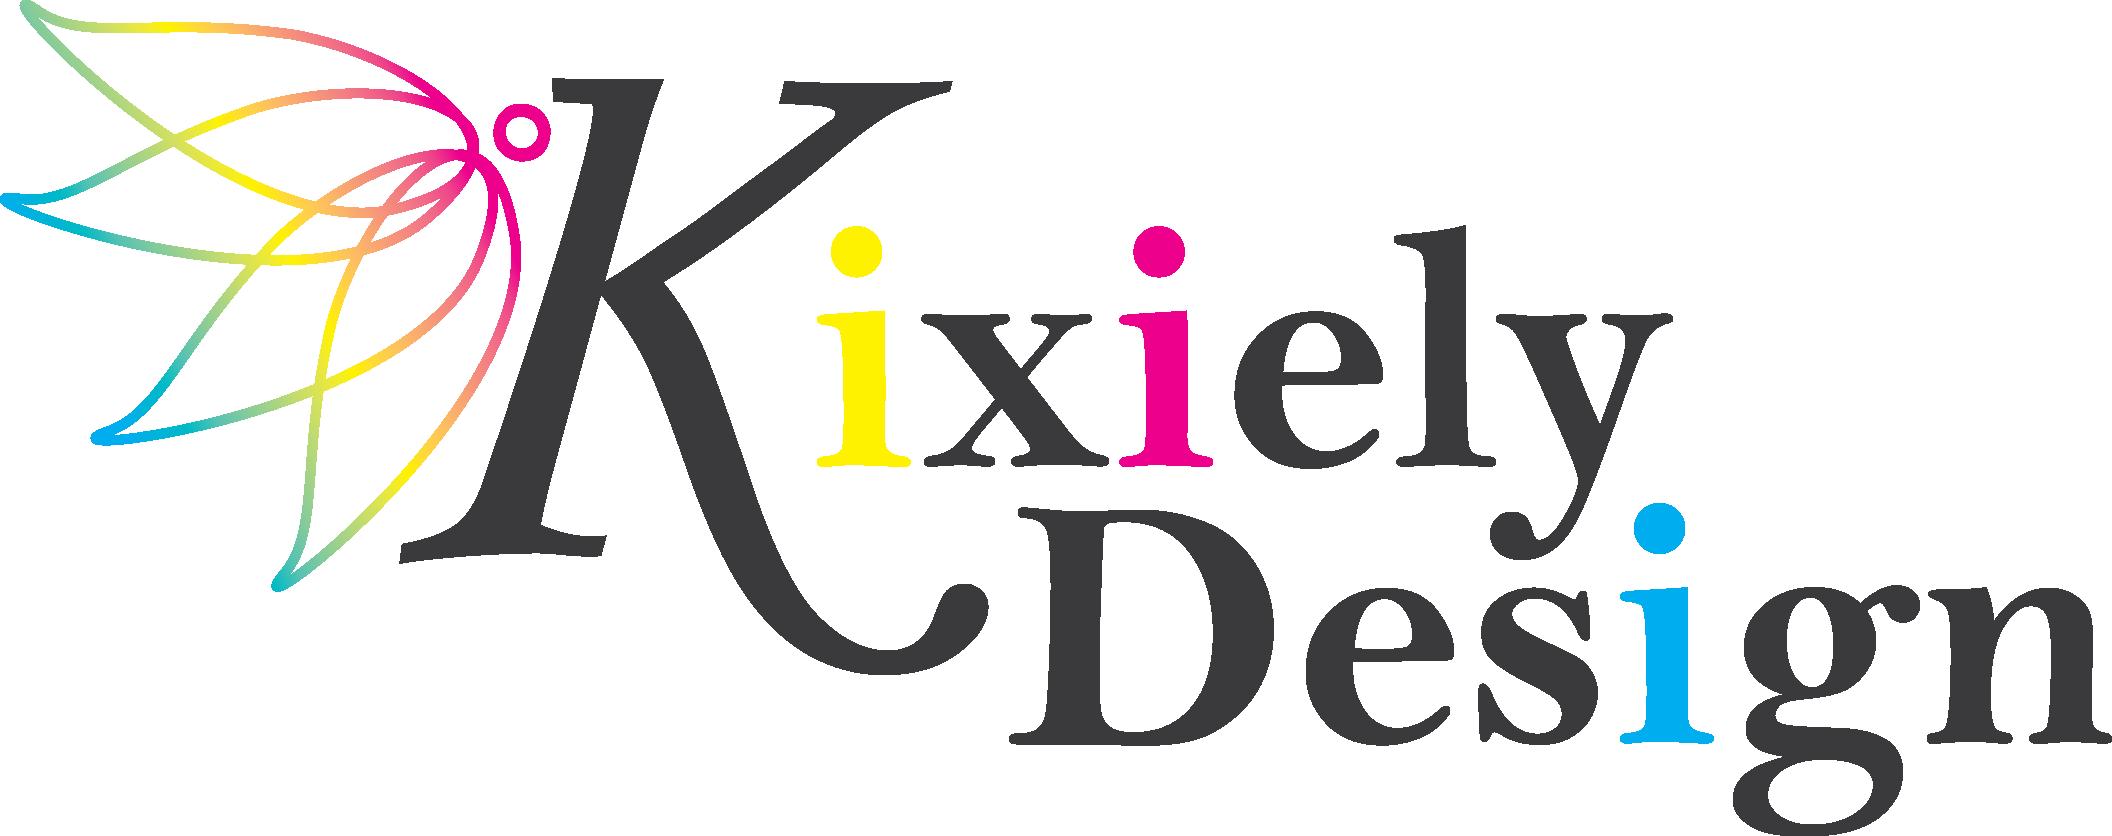 Kixiely Design